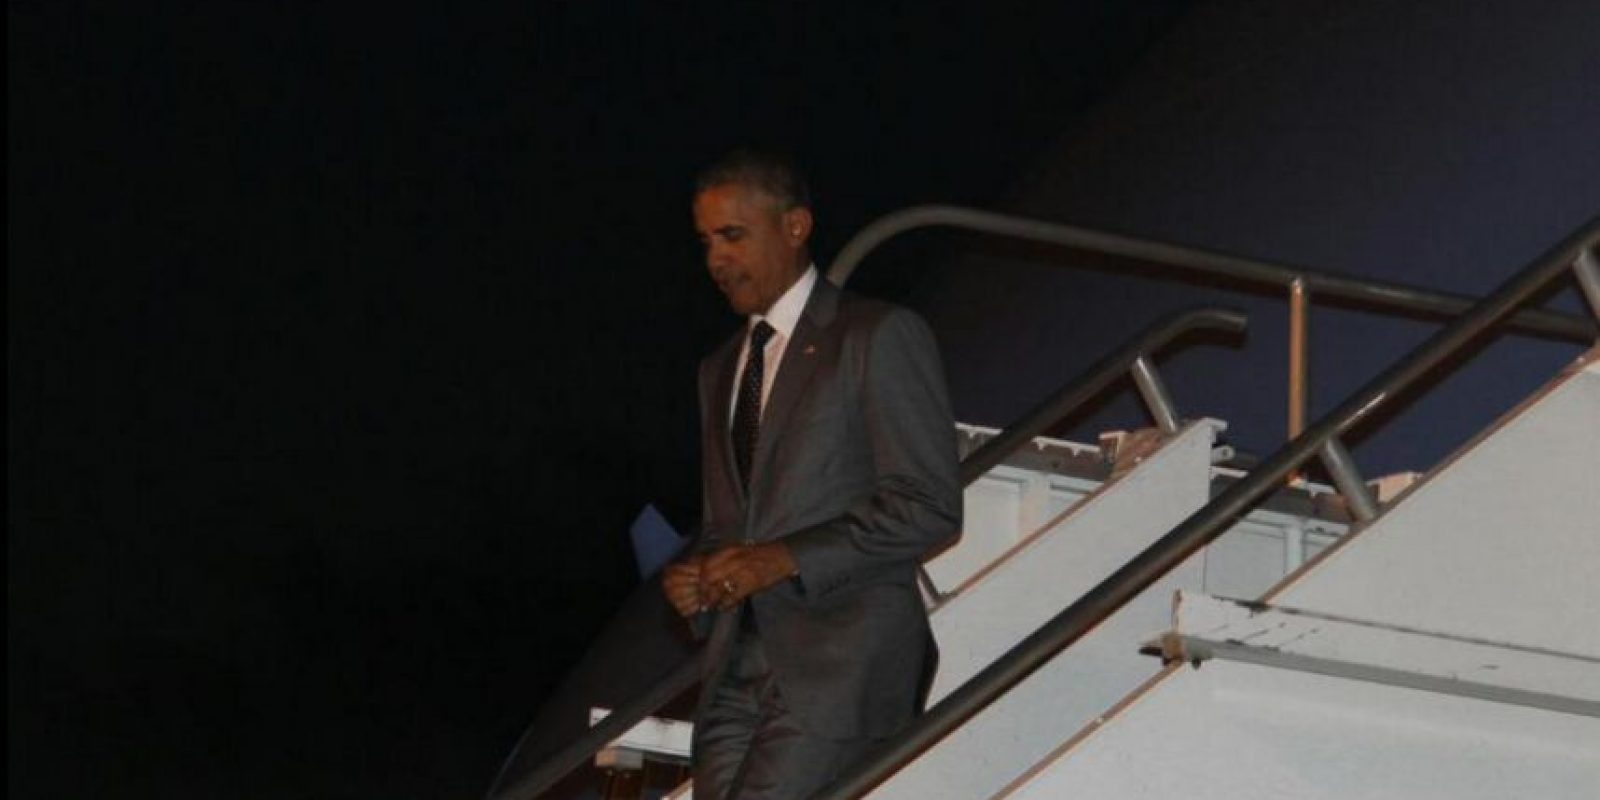 Así llegó el presidente de Estados Unidos, Barack Obama, a la VII Cumbre de las Américas Foto:vía twitter @CumbrePanama